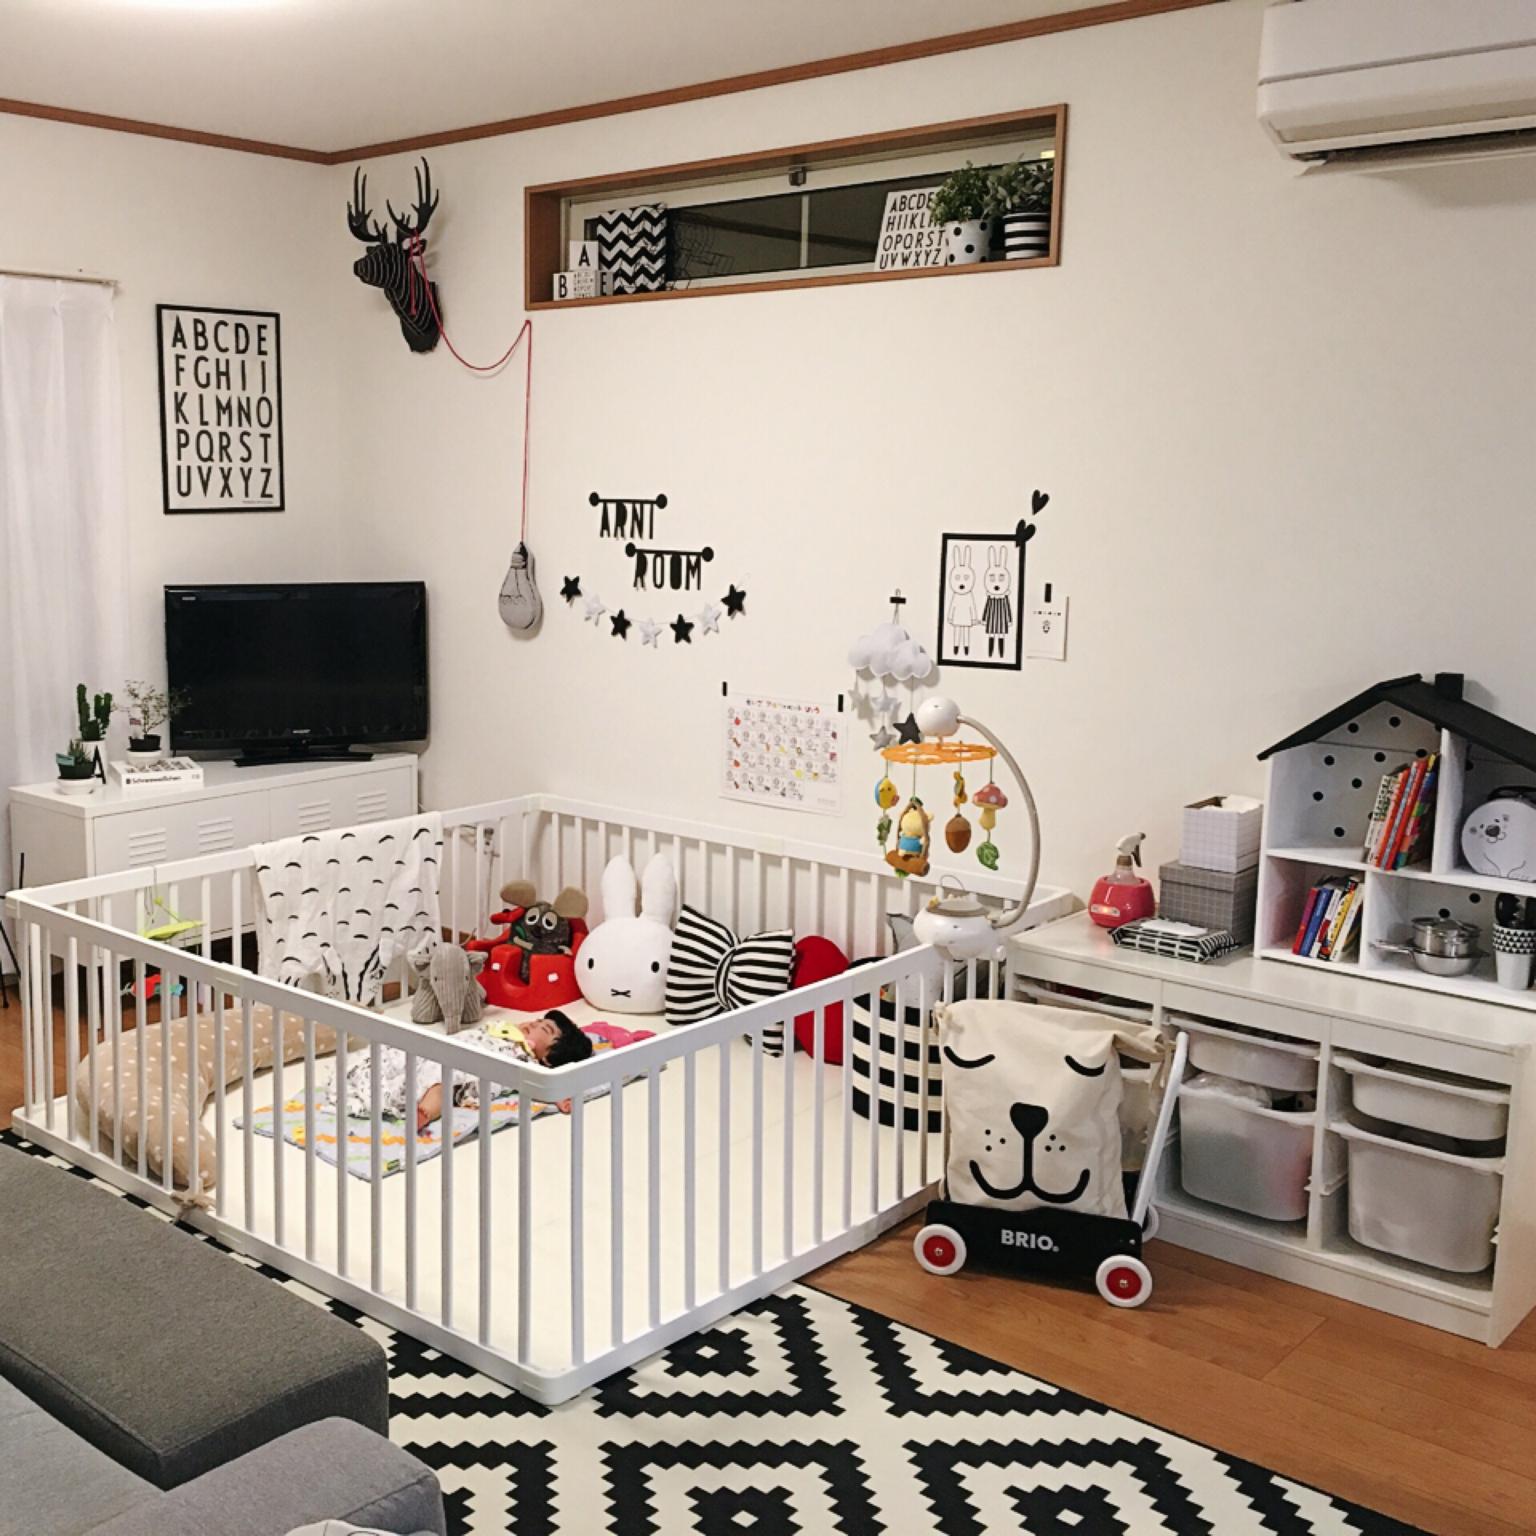 ウォールデコでアクセント!「赤ちゃんがいる暮らし」とモノトーンインテリアを楽しむ 〜RABIさん〜[連載:RoomClip_新人ユーザー紹介]